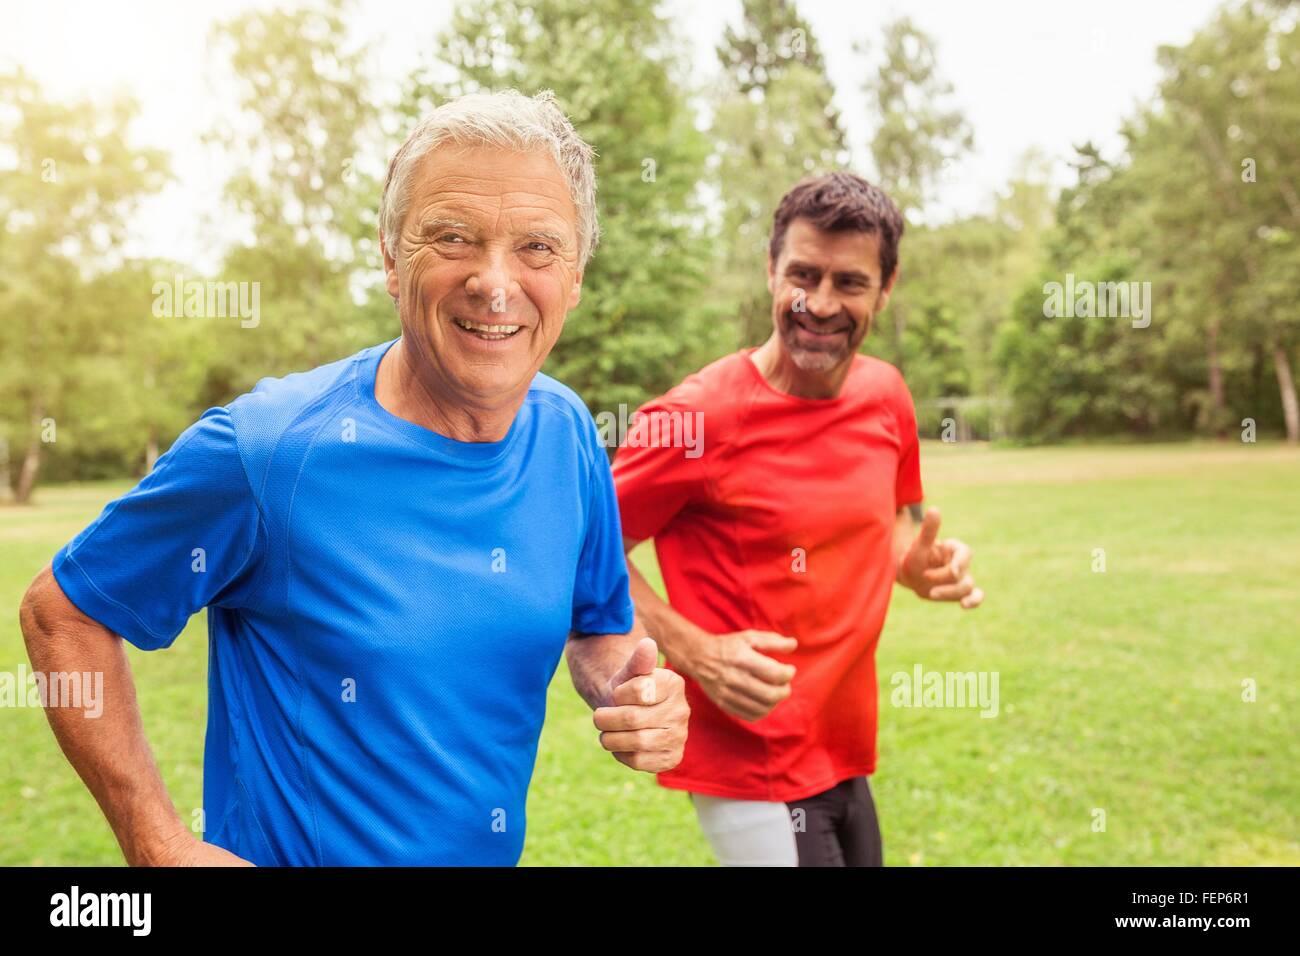 Dos hombres corriendo en exteriores, sonriendo Foto de stock